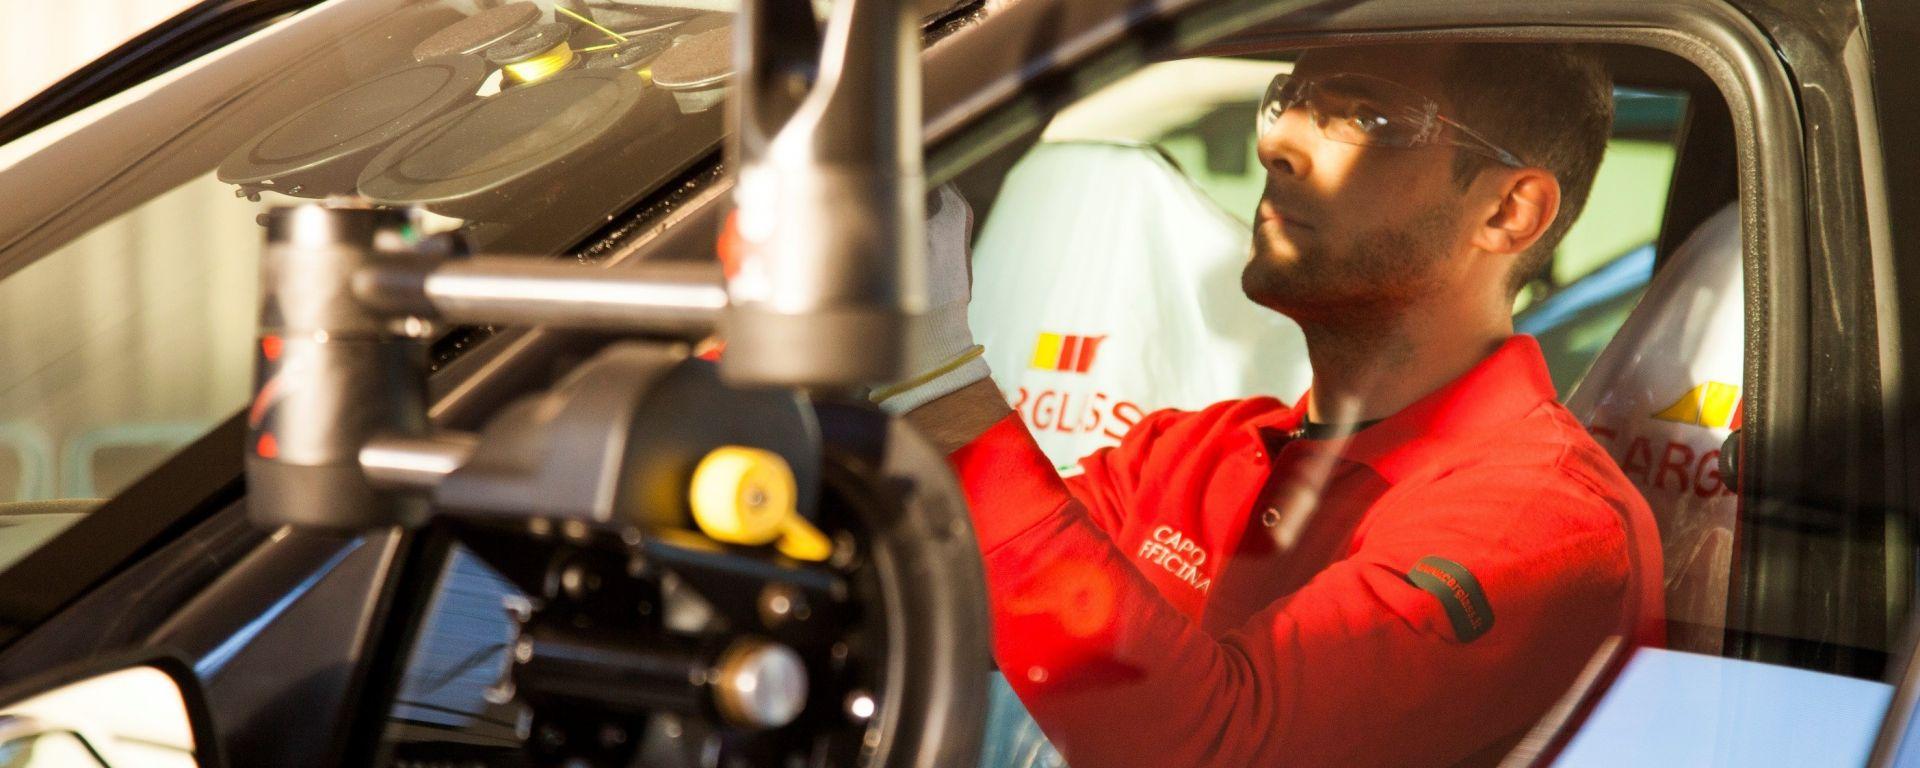 Carglass: un vademecum online spiega quanto contano i cristalli auto per la sicurezza